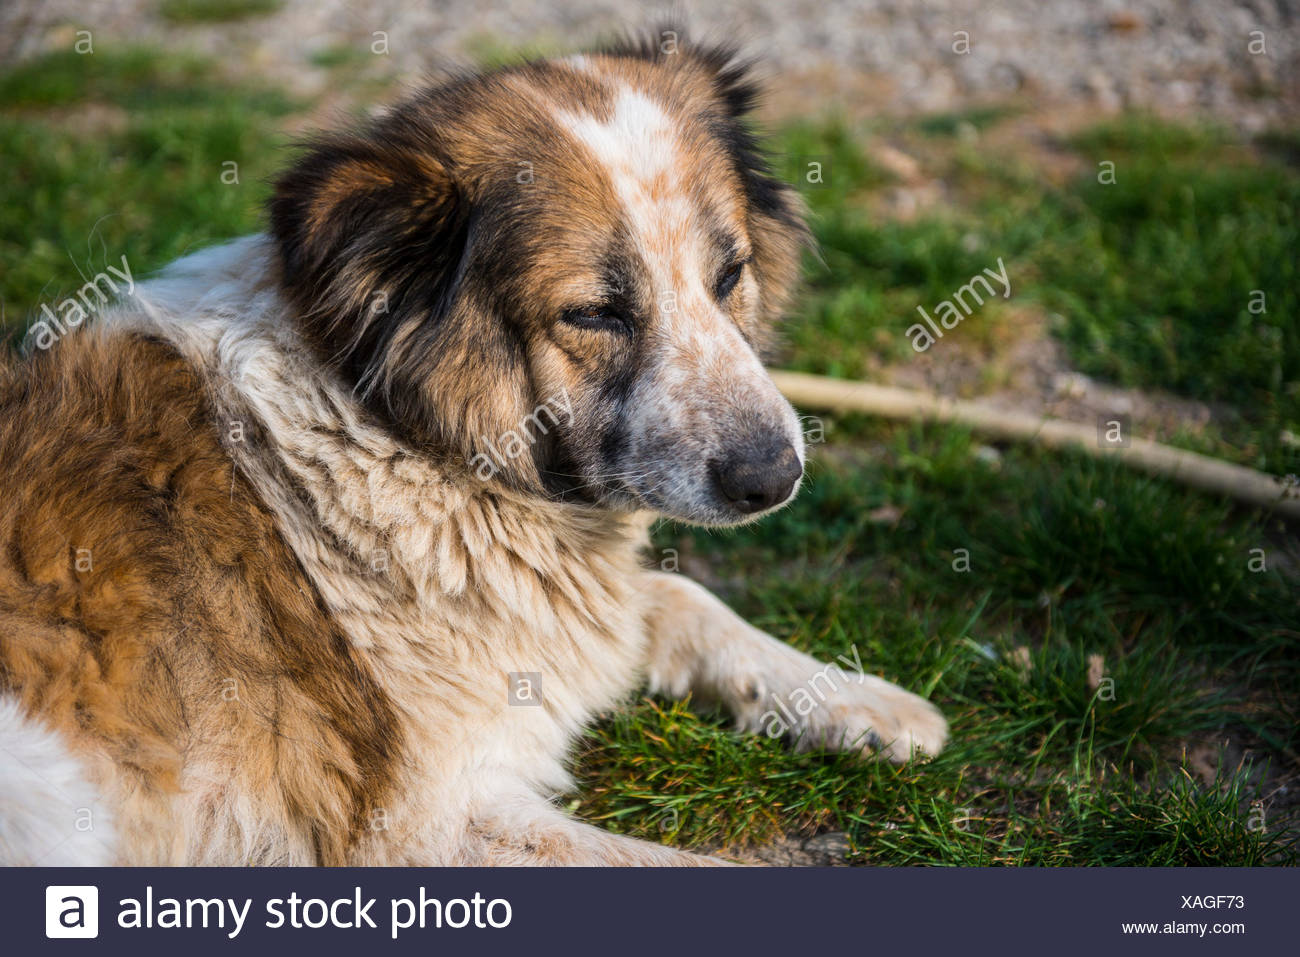 Italia, Toscana, perro de pelaje blanco y marrón, relajándose en un camino de tierra prestando atención a algo Imagen De Stock